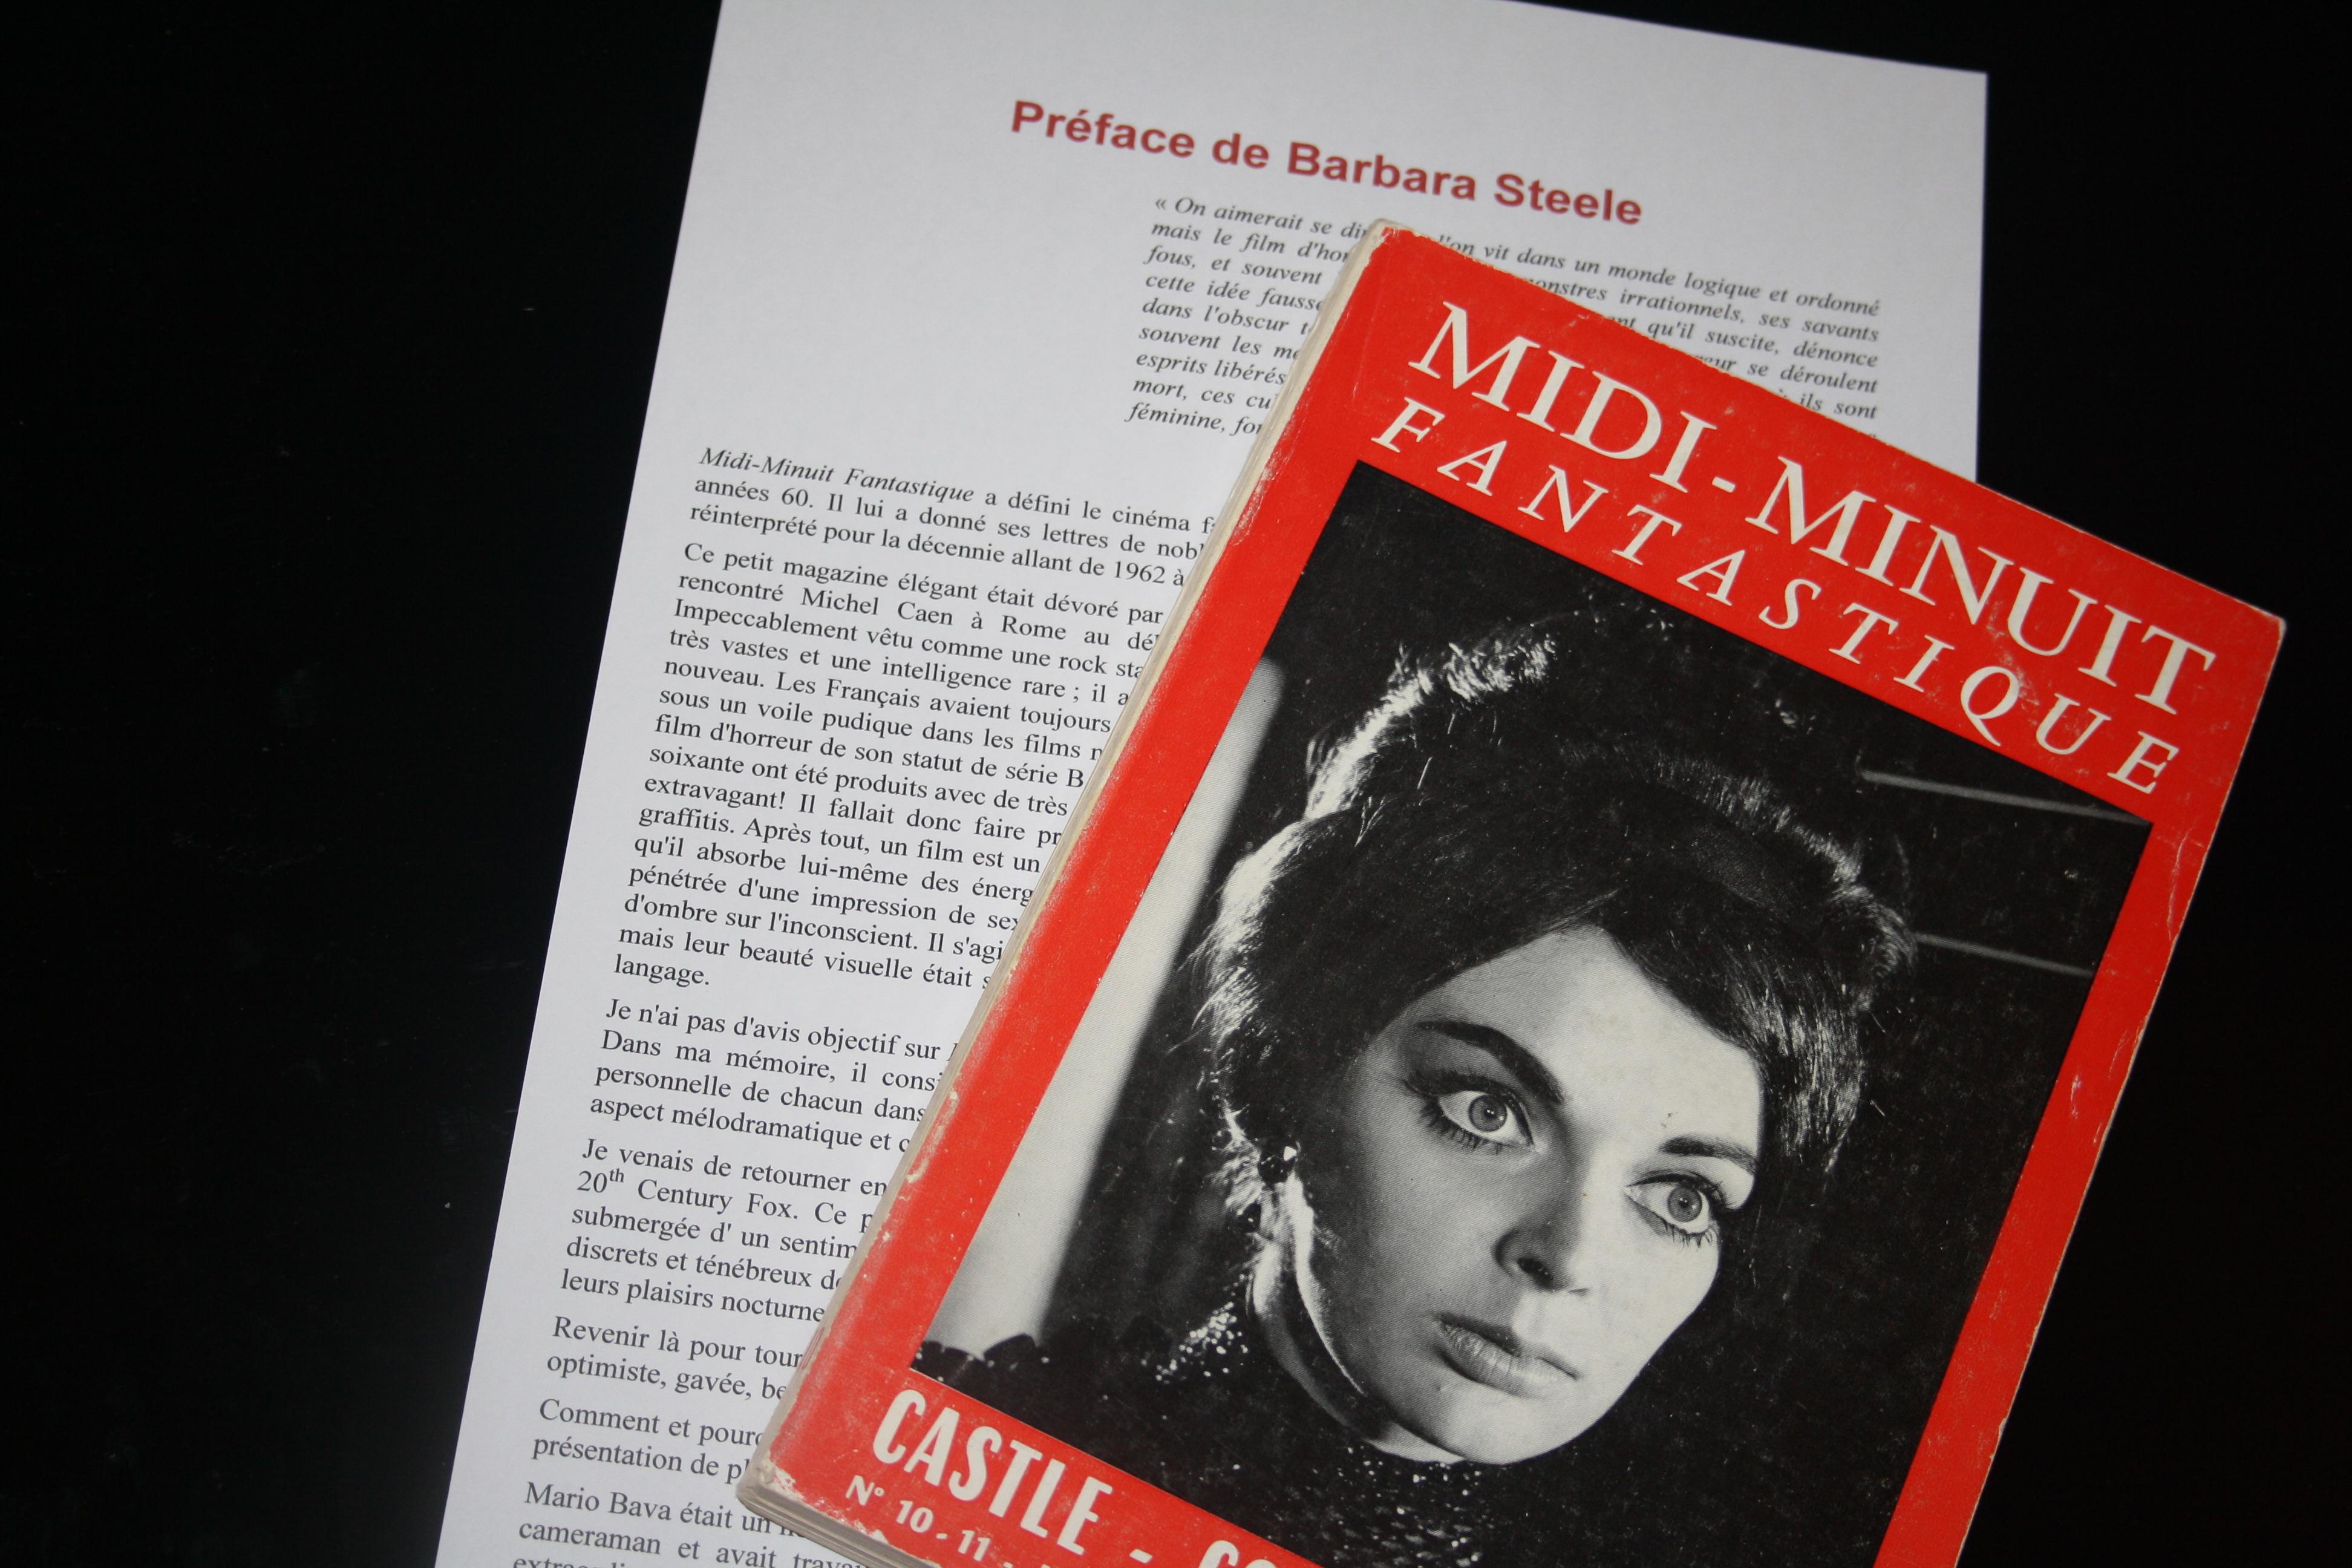 Barbara Steele préface le volume II de l'intégrale Midi-Minuit Fantastique - Nicolas Stanzick